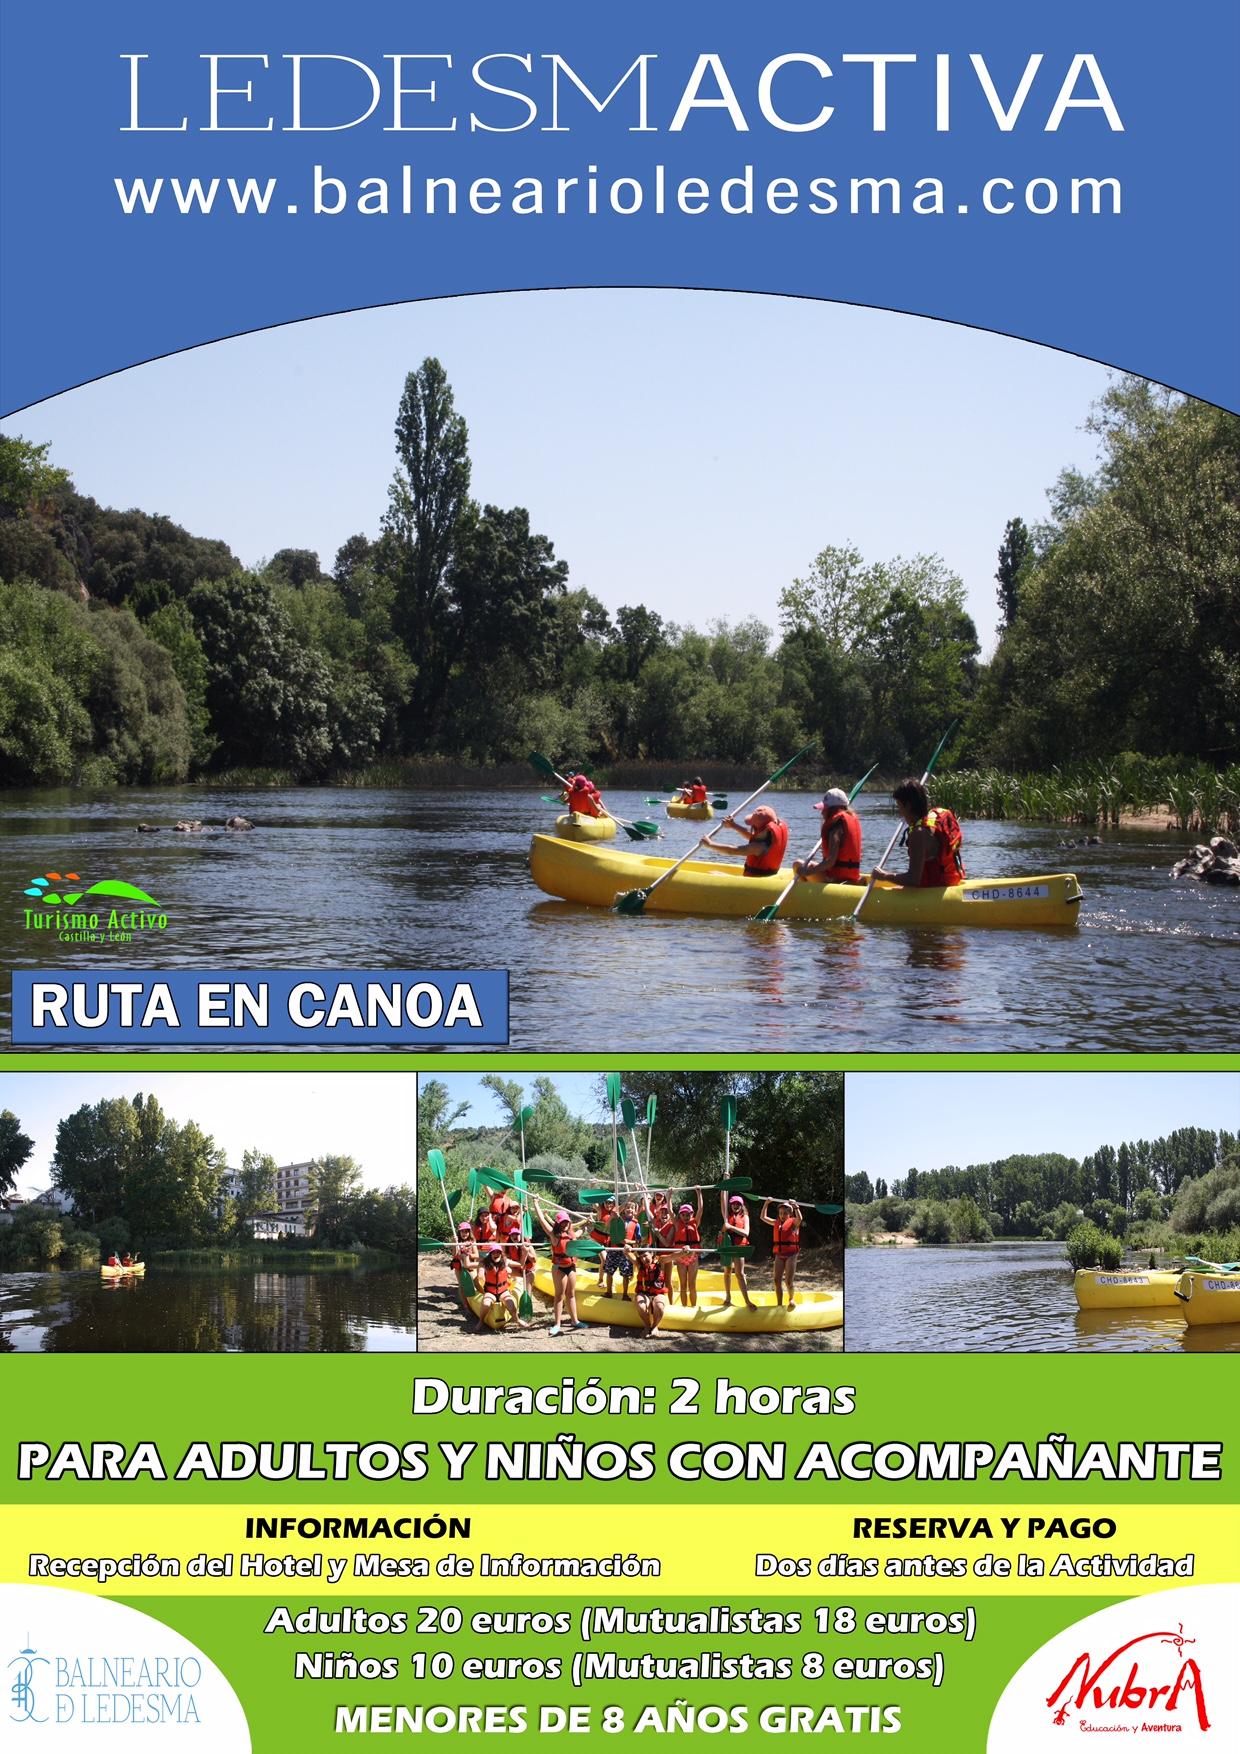 Ruta en canoa por el río Tormes Ledesmactiva para adultos y niños